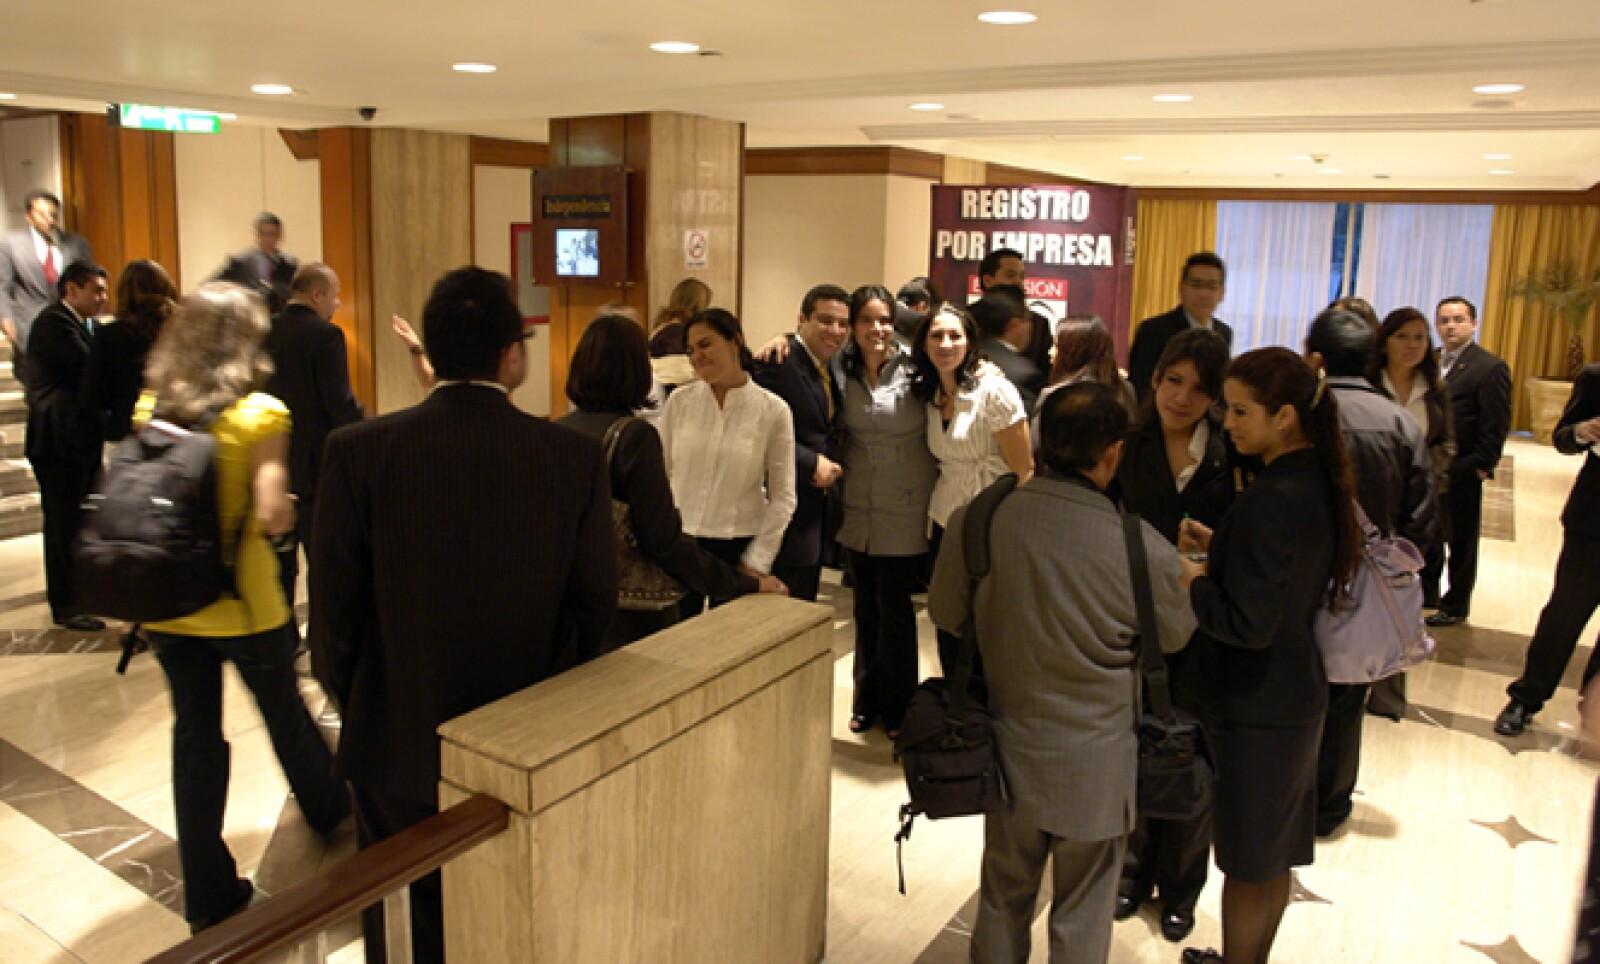 Directivos y colaboradores se dieron cita en el hotel Sheraton María Isabel de la Ciudad de México. Esta empresa hotelera se colocó en el lugar 17 del ranking de compañías con menos de 500 empleados.